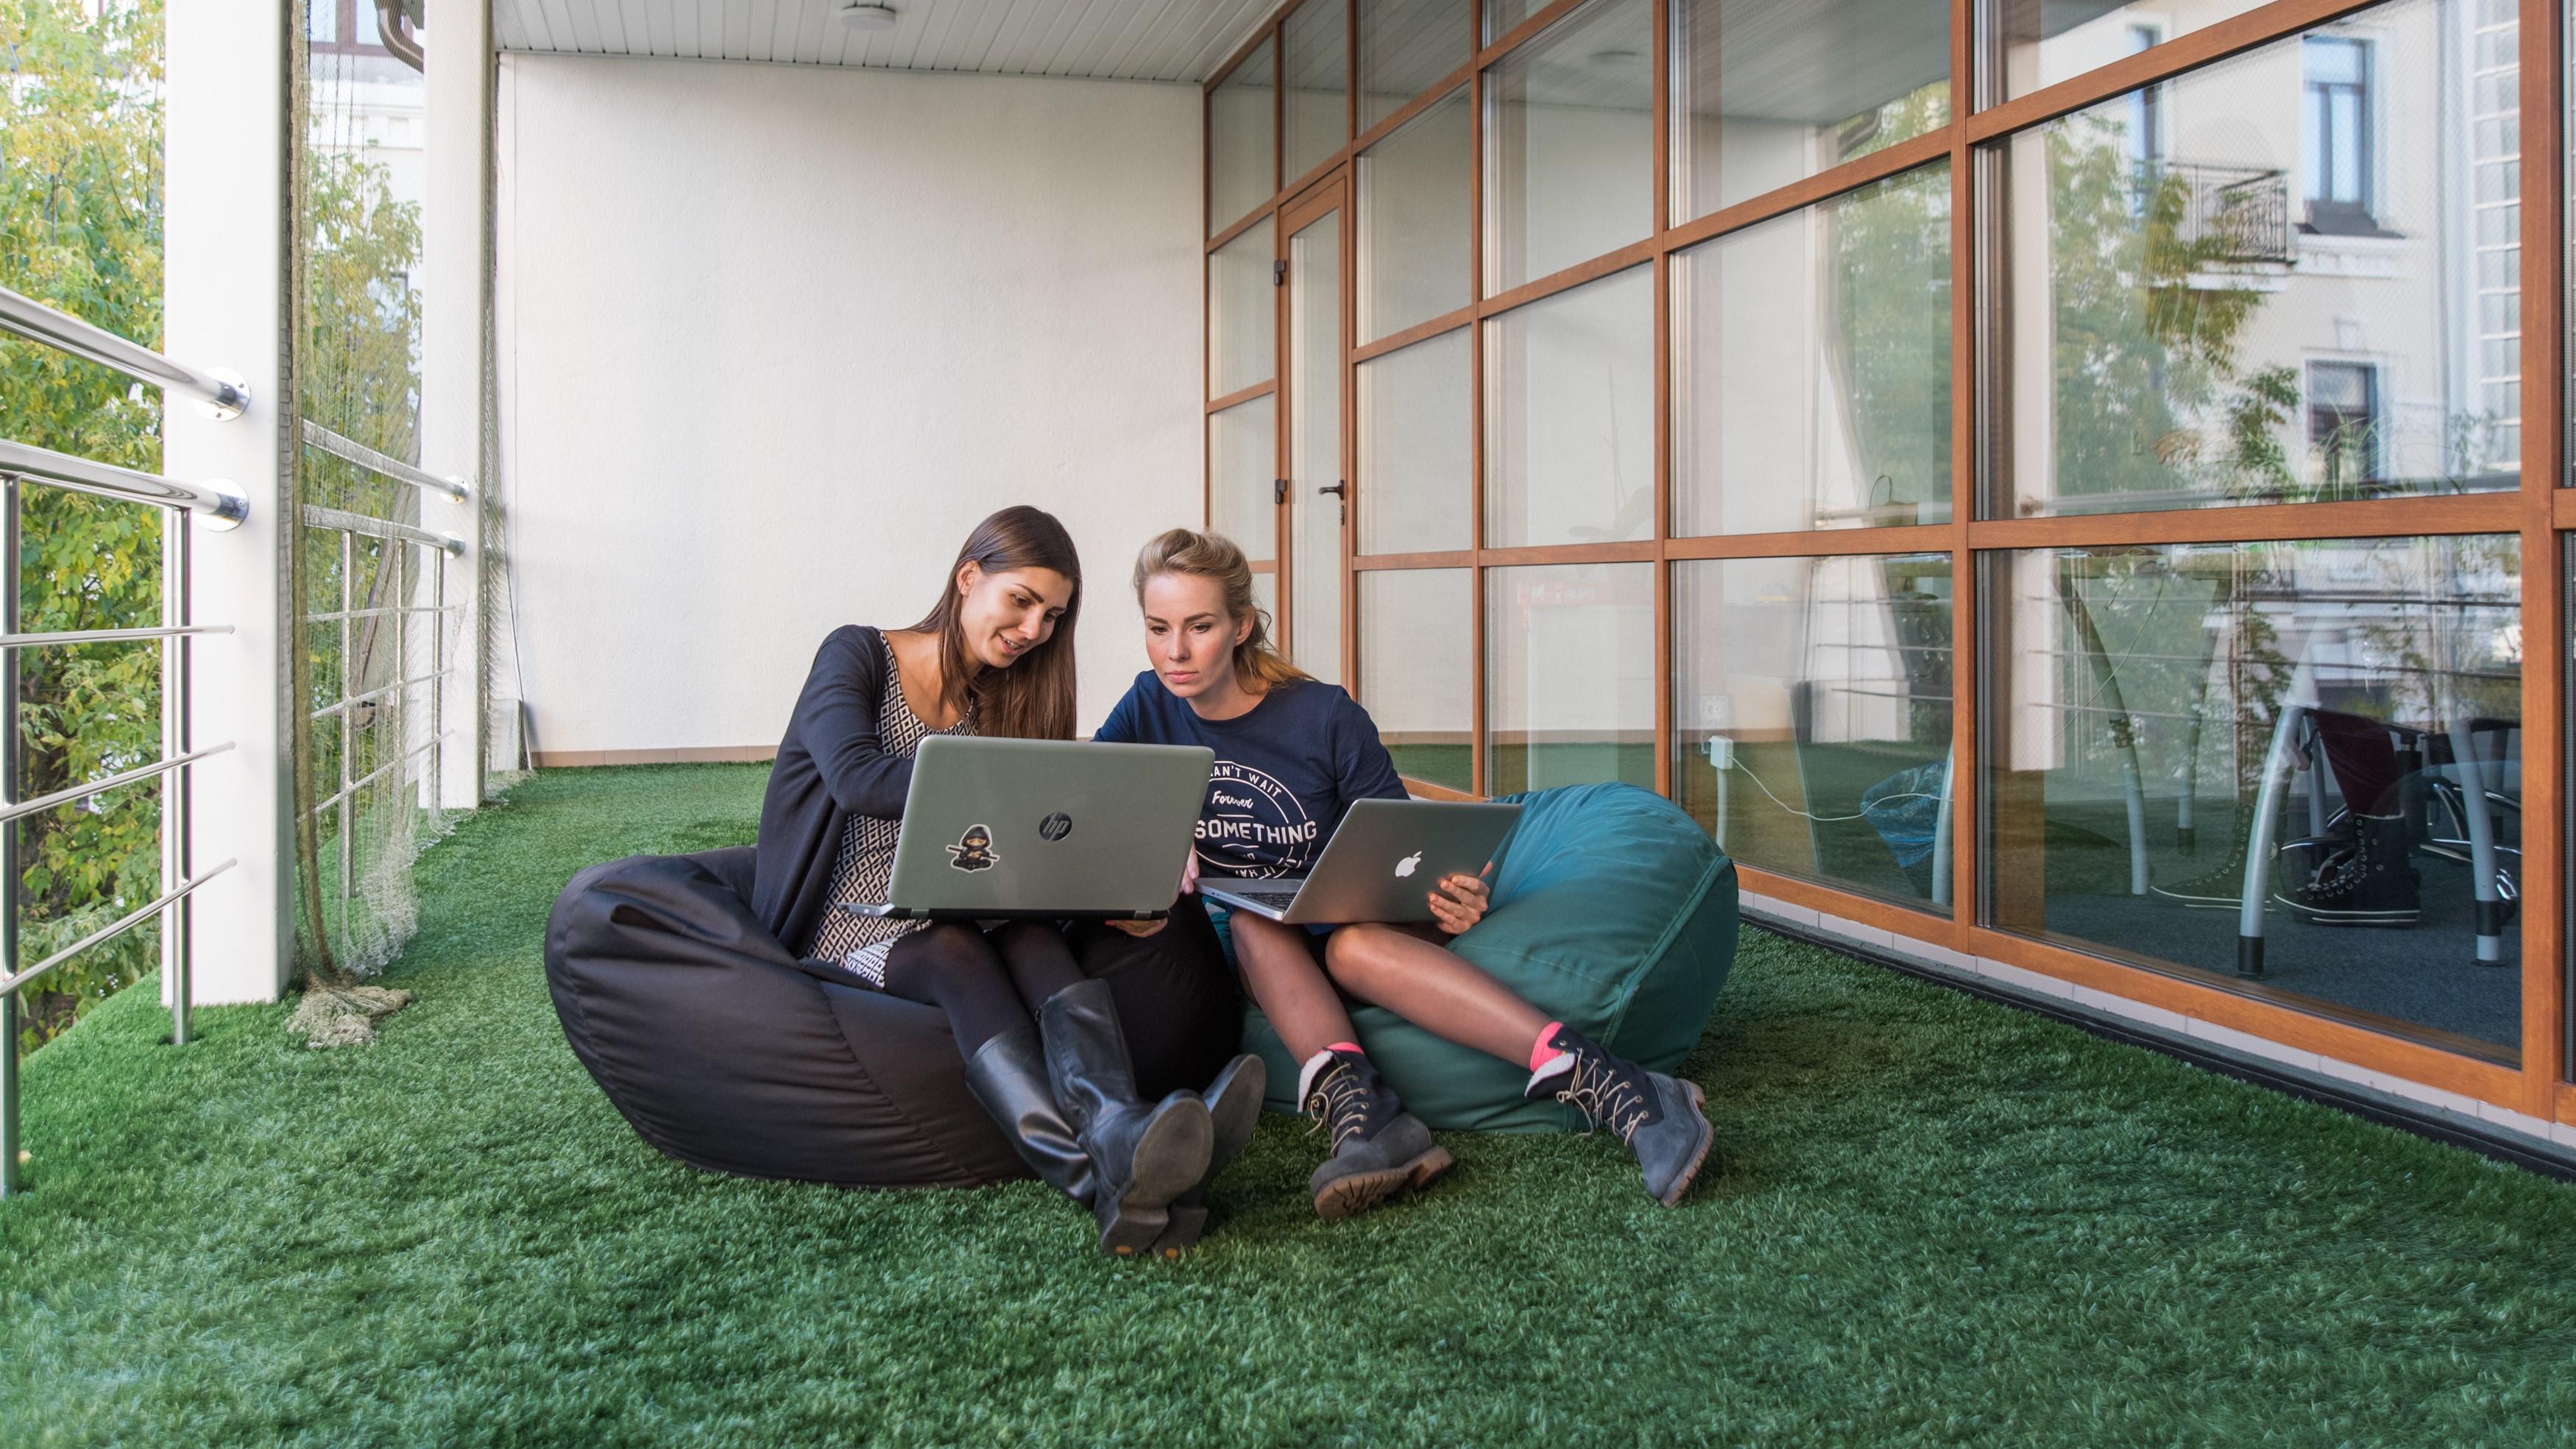 Репортаж из офиса IT-компании Competera. Серия «Вдохновляющие офисы»